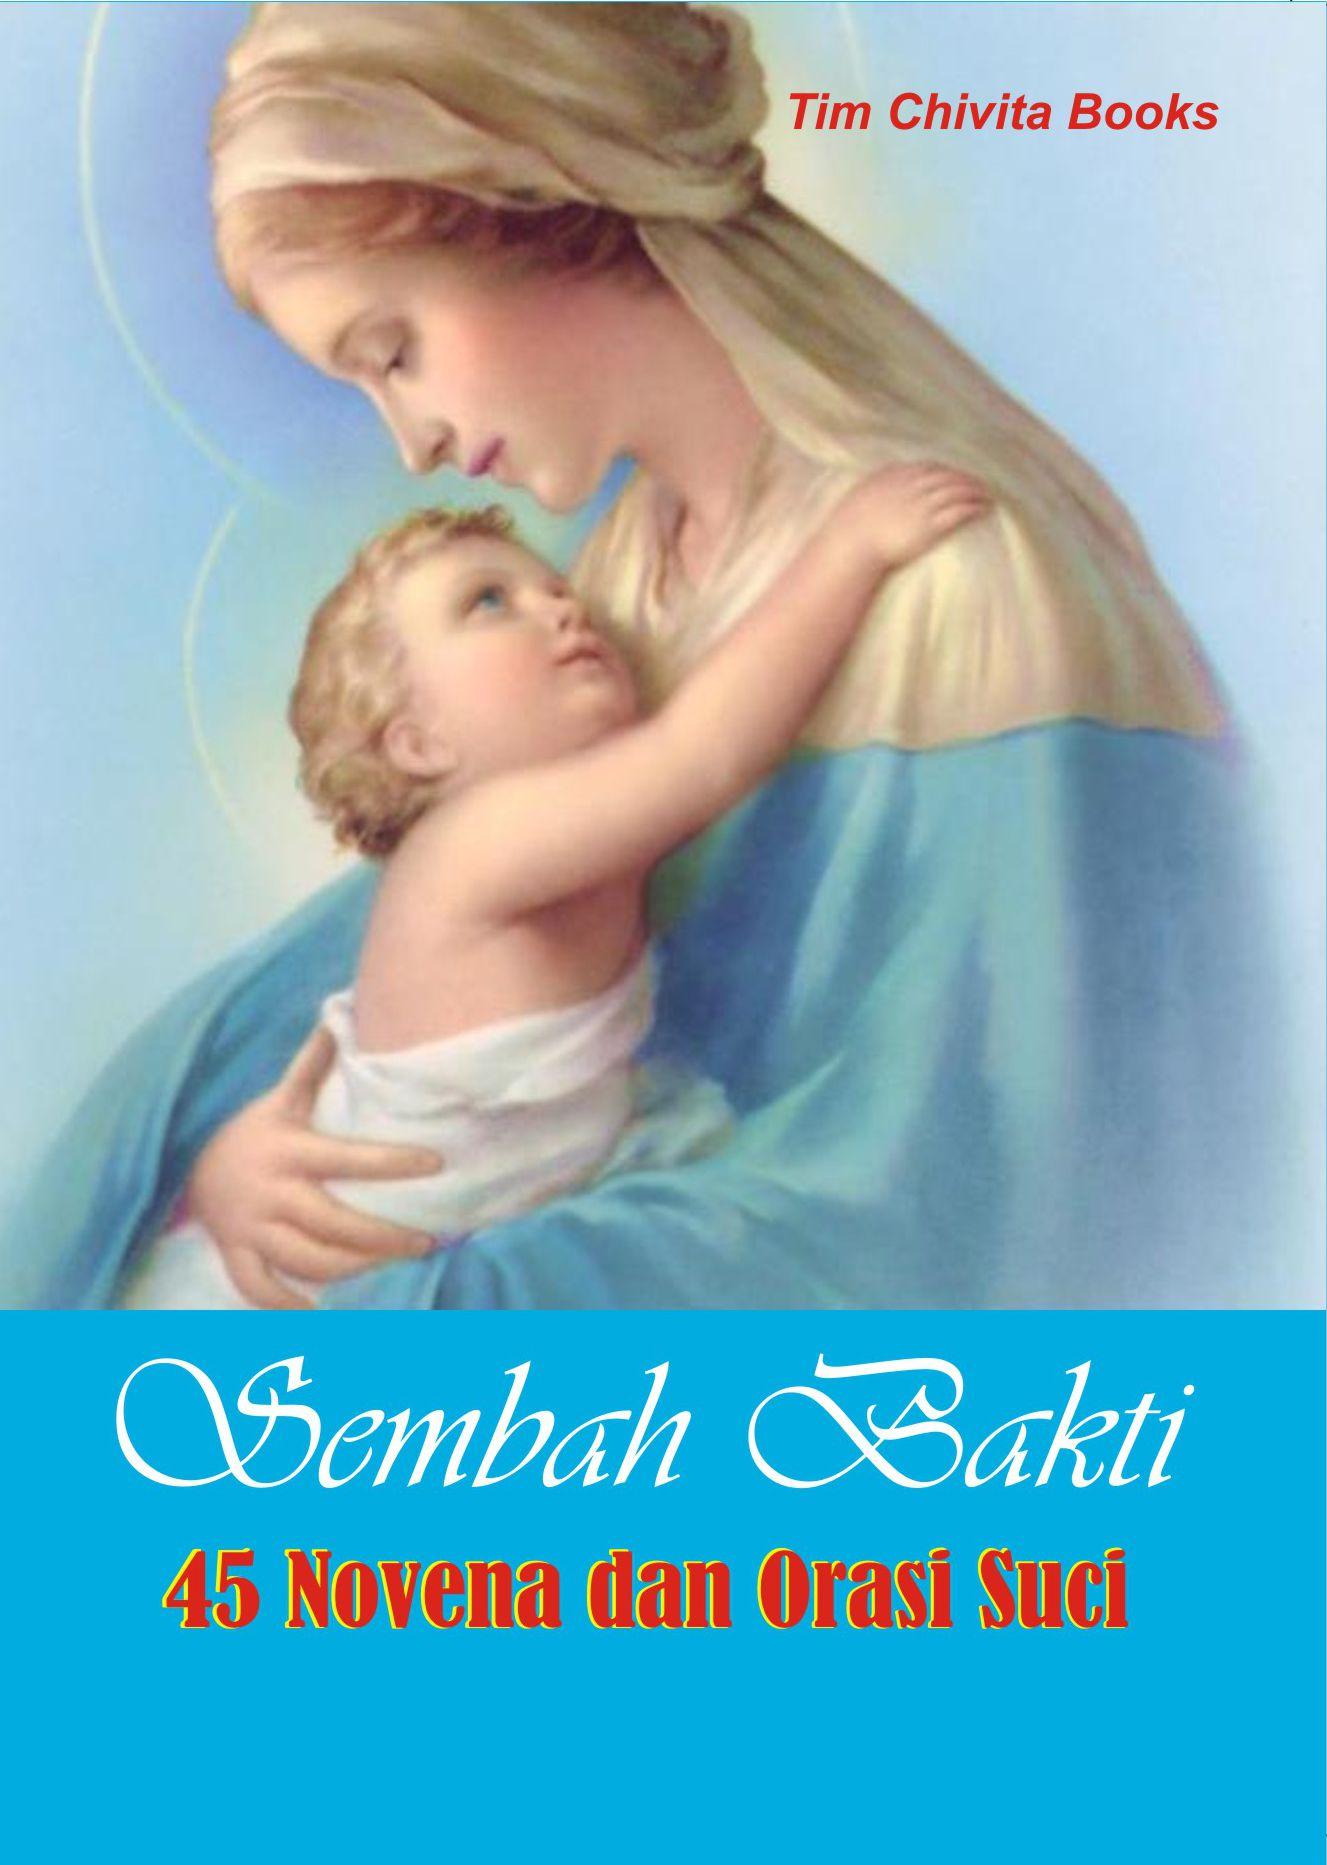 doa novena dan orasi suci2 keramat - mukjizat doa ampuh dan keramat